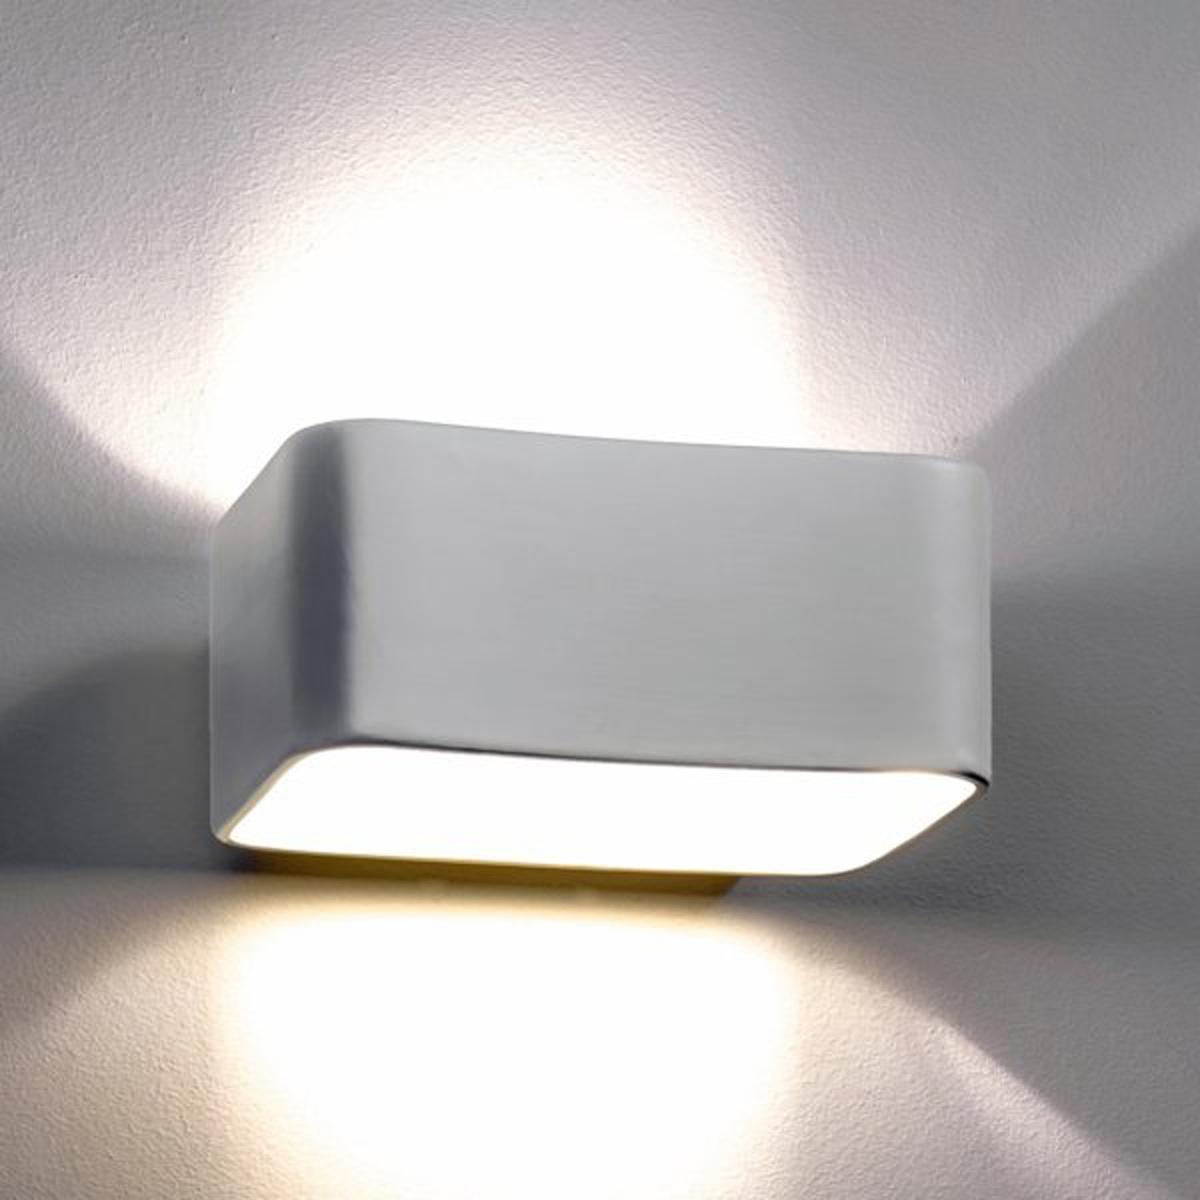 Бра прямоугольной формы из керамики  DebouБра прямоугольной формы из керамики белого матового цвета .2 цоколя GU10 для лампочек макс. 35 W  (не входят в комплект) .Размеры : Д. 22 x Гл.16 x Выс .10 см<br><br>Цвет: белый